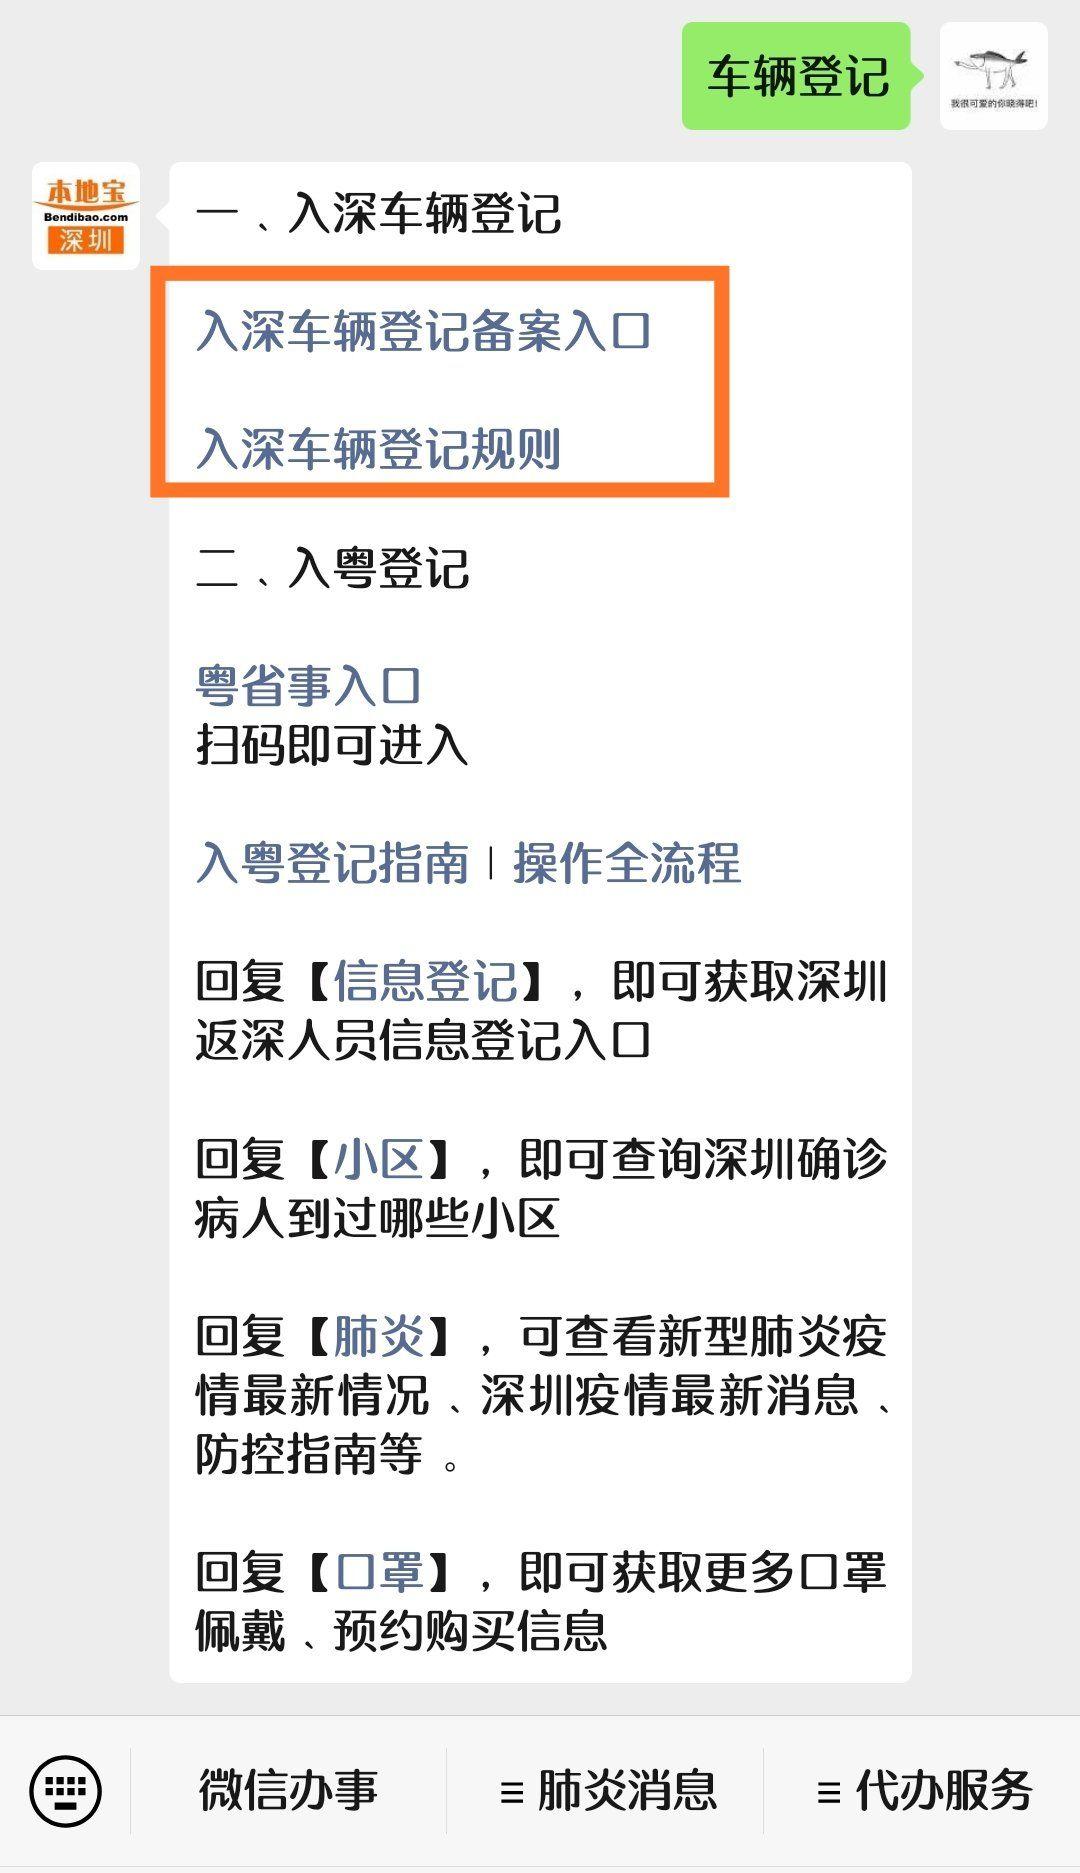 深圳入深车辆登记规则(时间 申报对象 方式)